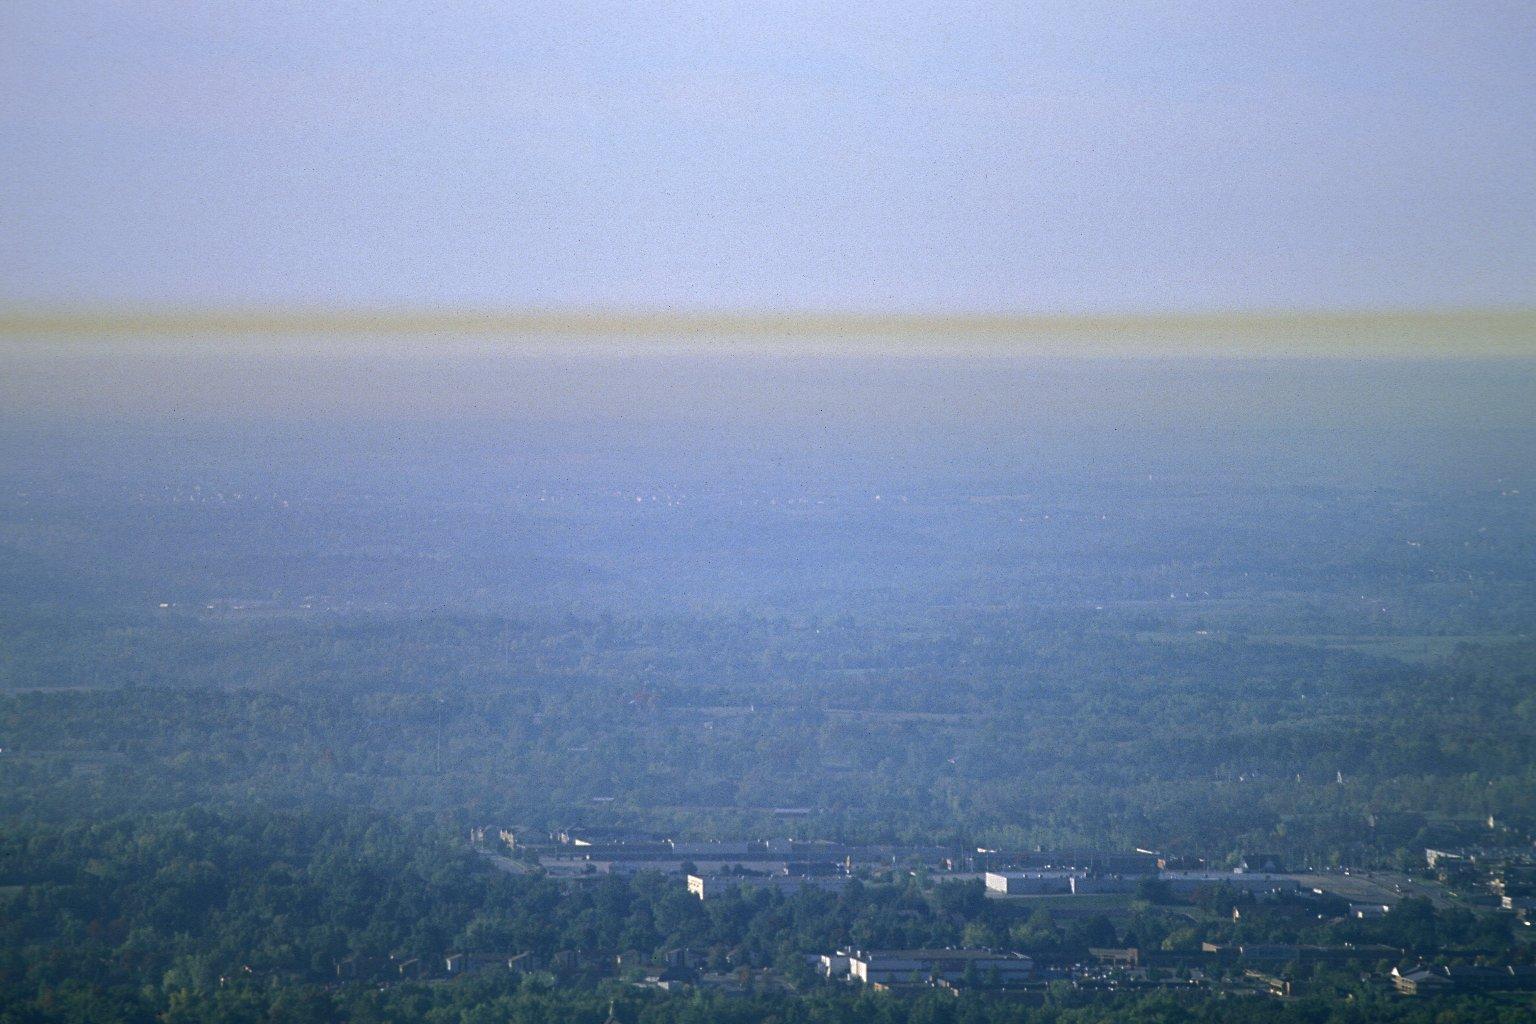 Smog over Kansas City